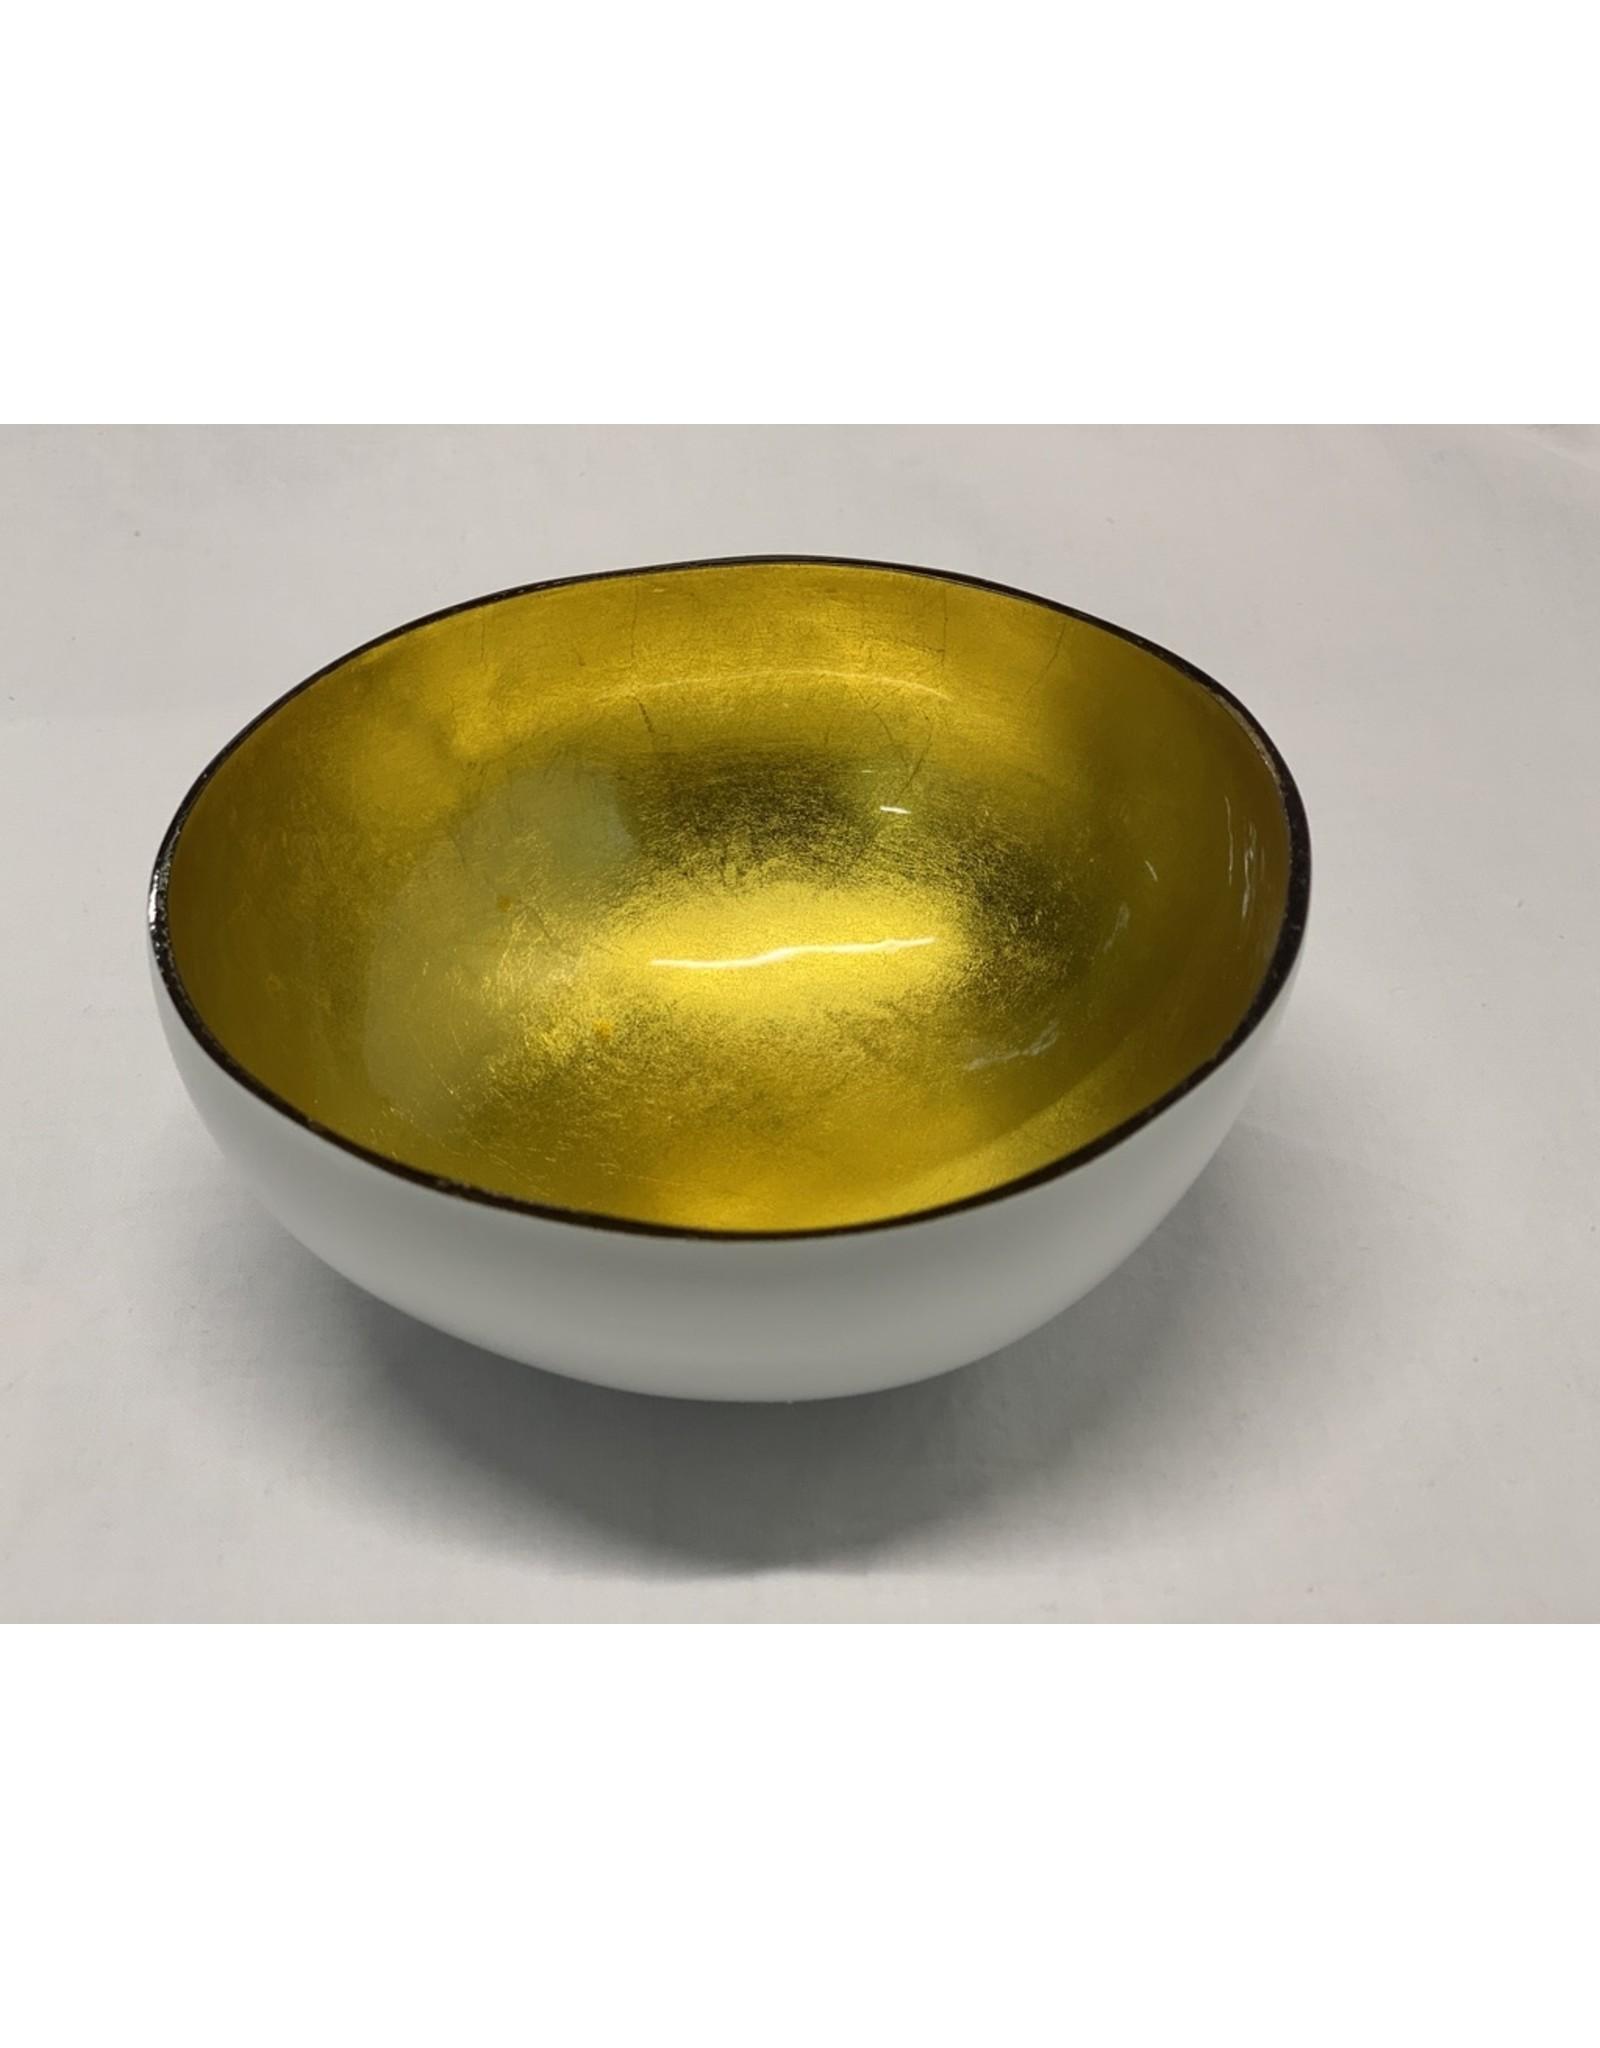 sense&purpose Cocosnuss weiss/gold Cocosnussschale